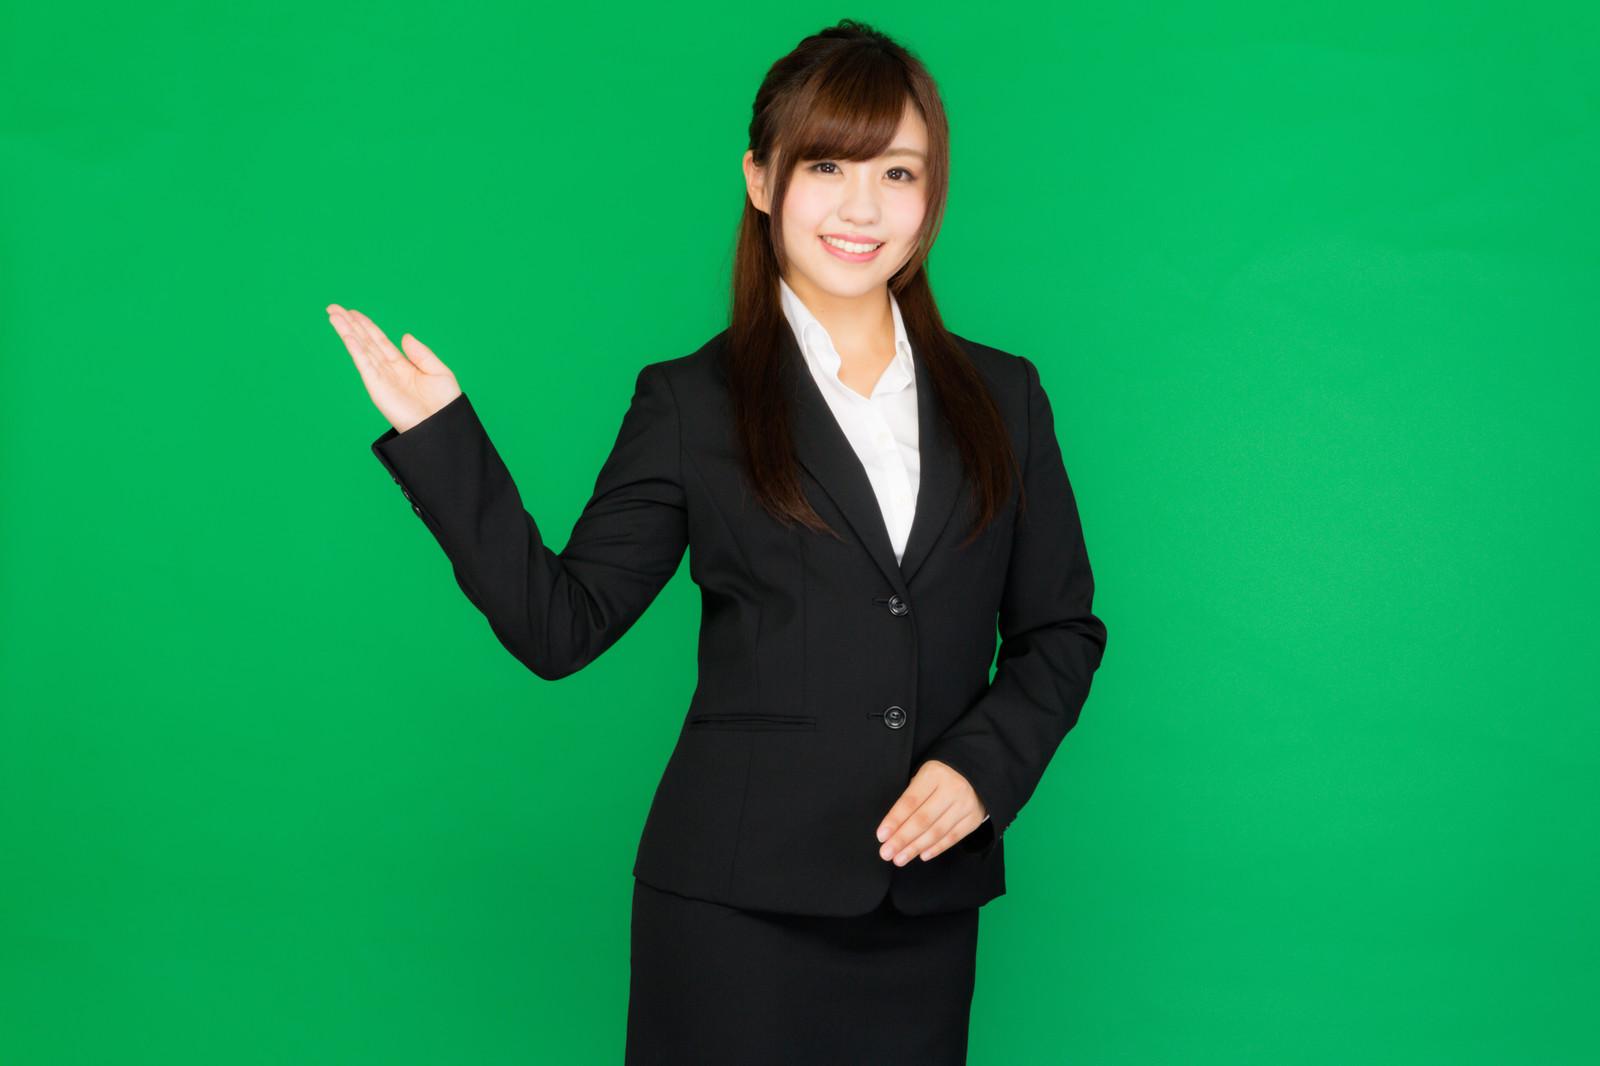 2019年卒の就活女性におすすめするリクルートスーツの選び方